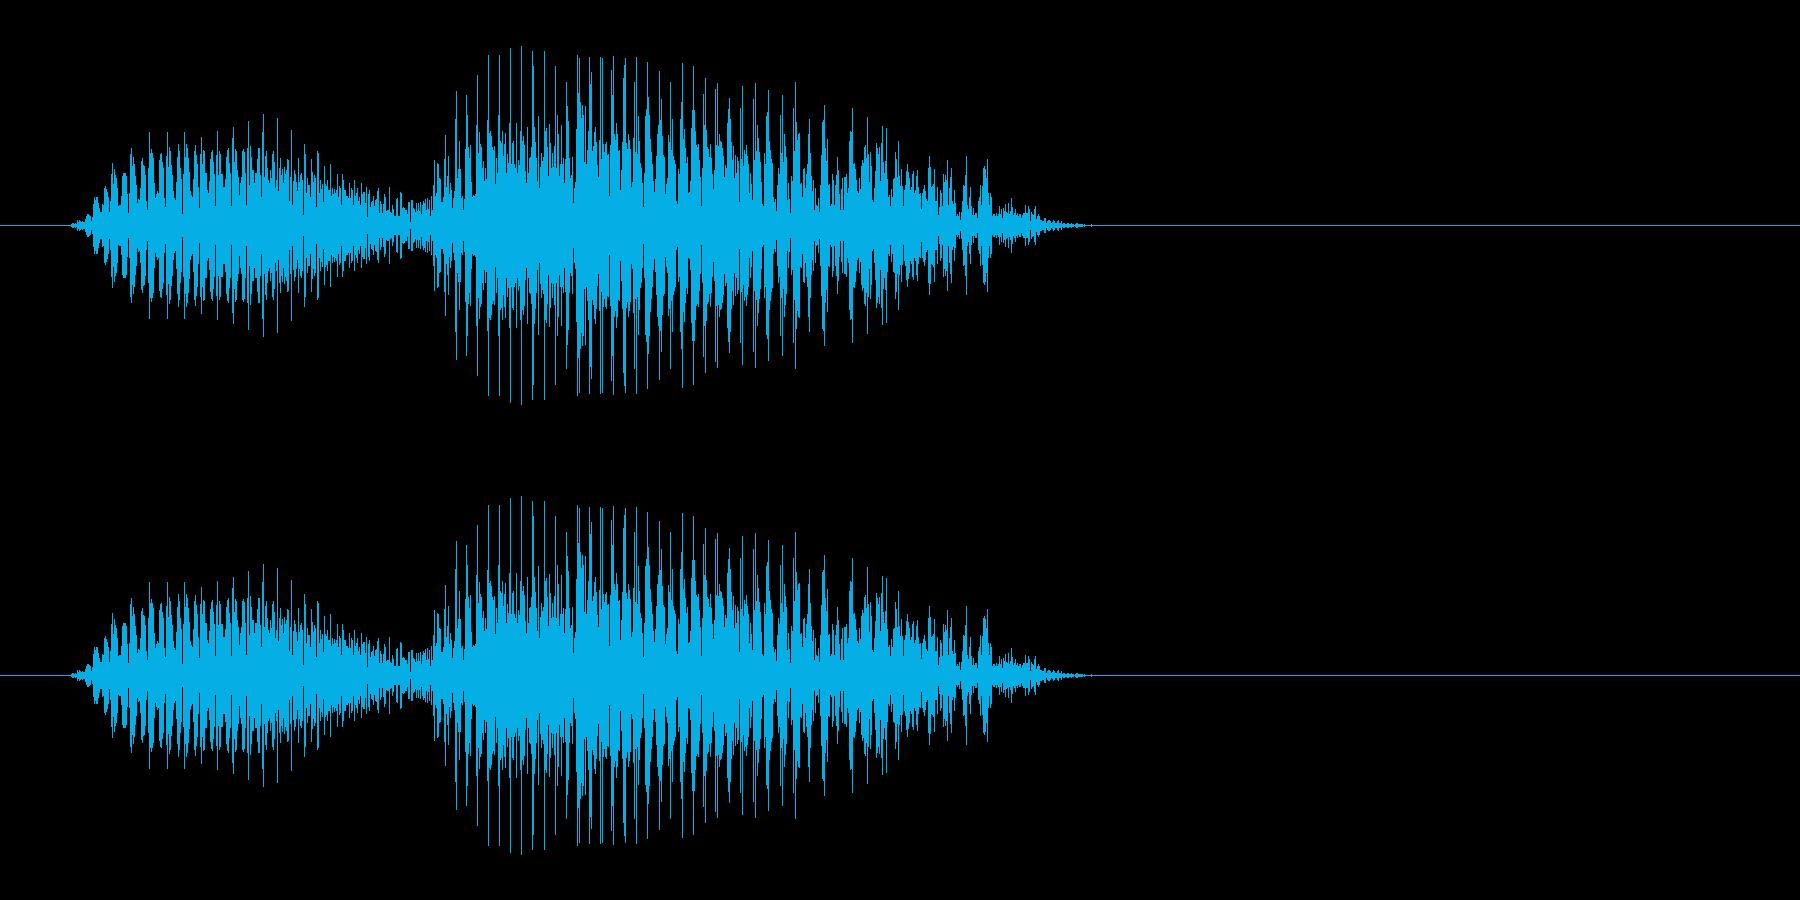 ピュウー(素早いUFOの飛行音)の再生済みの波形